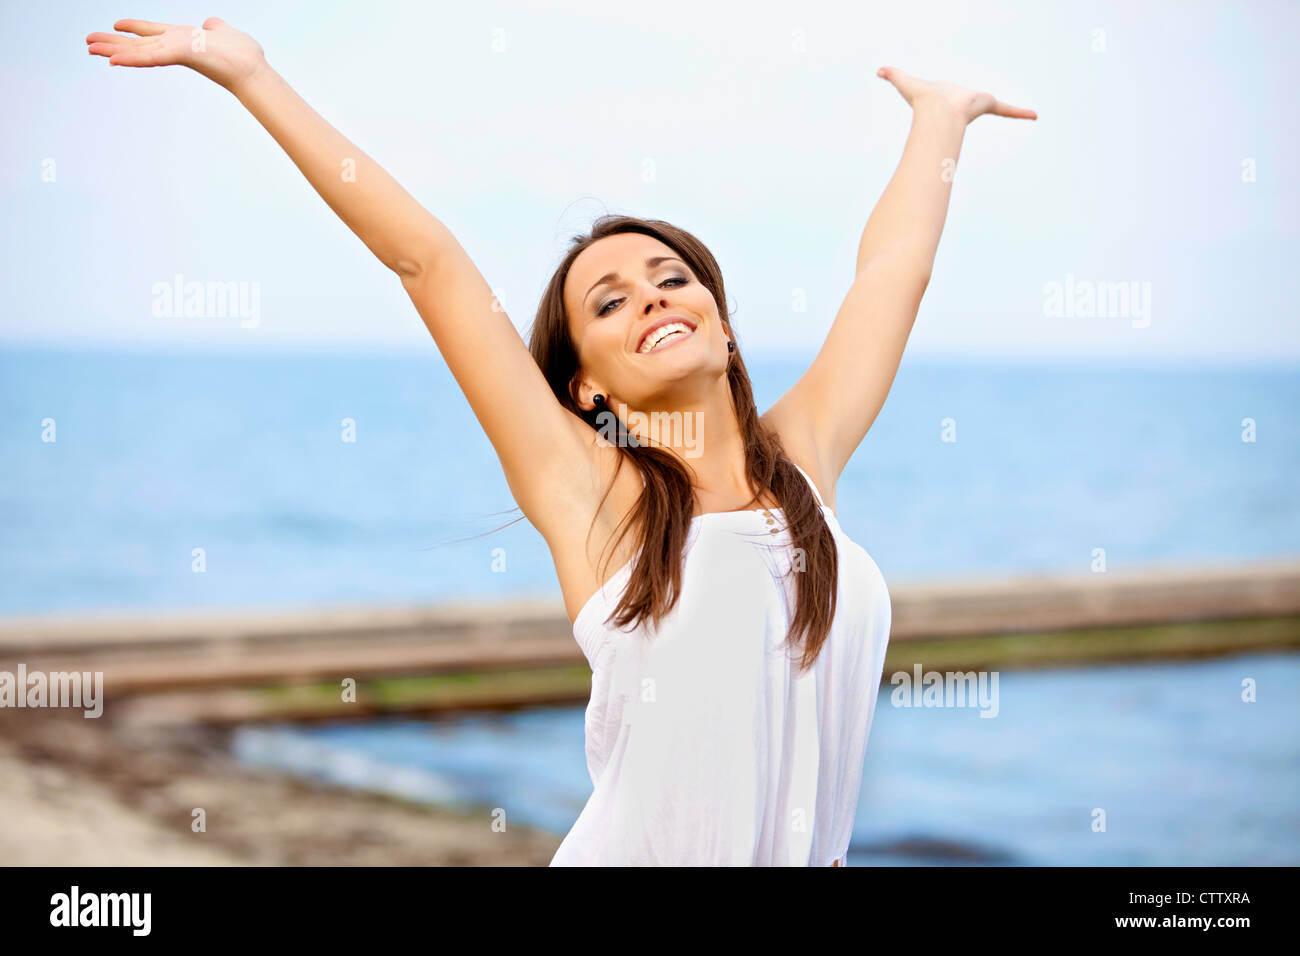 Mujer alegre con los brazos levantados por encima de su cabeza Imagen De Stock